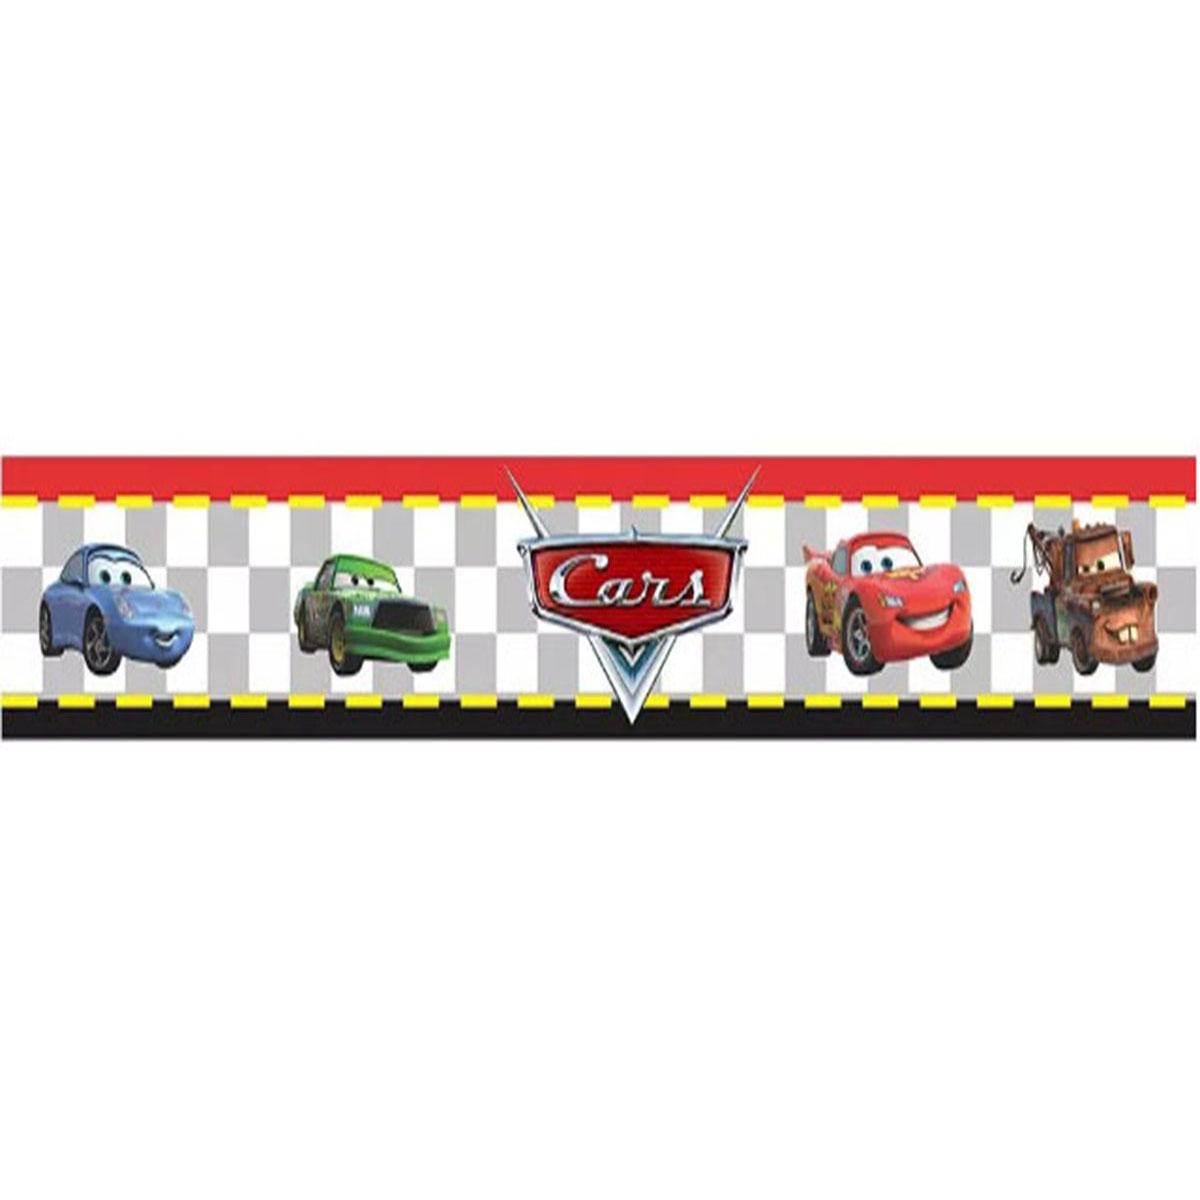 Adesivo de Parede Faixa Decorativa Para Quarto Infantil Cars Carros